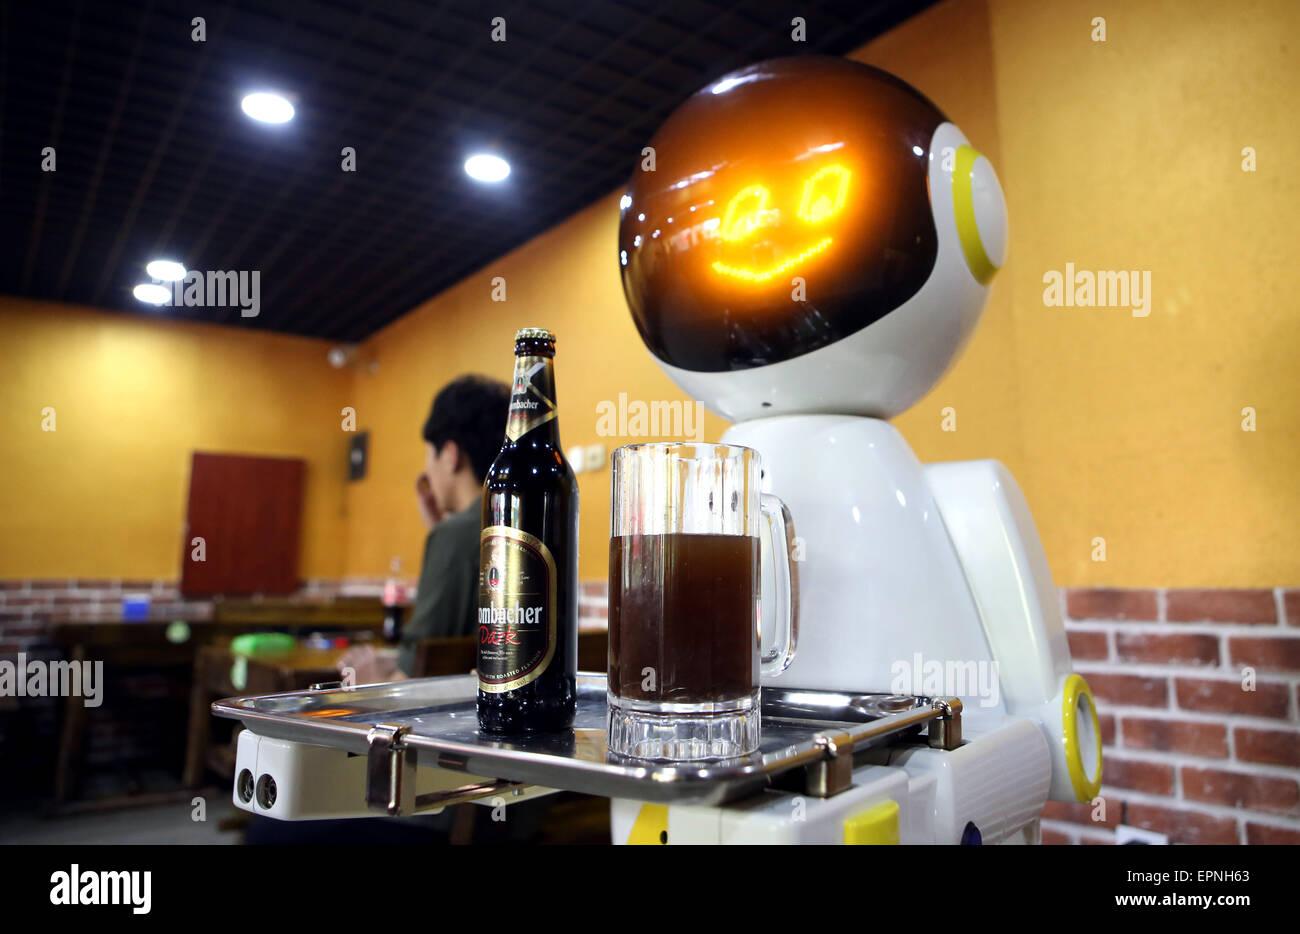 Shenyang, province de Liaoning en Chine. 20 mai, 2015. Un robot sert de la bière dans un restaurant à Photo Stock